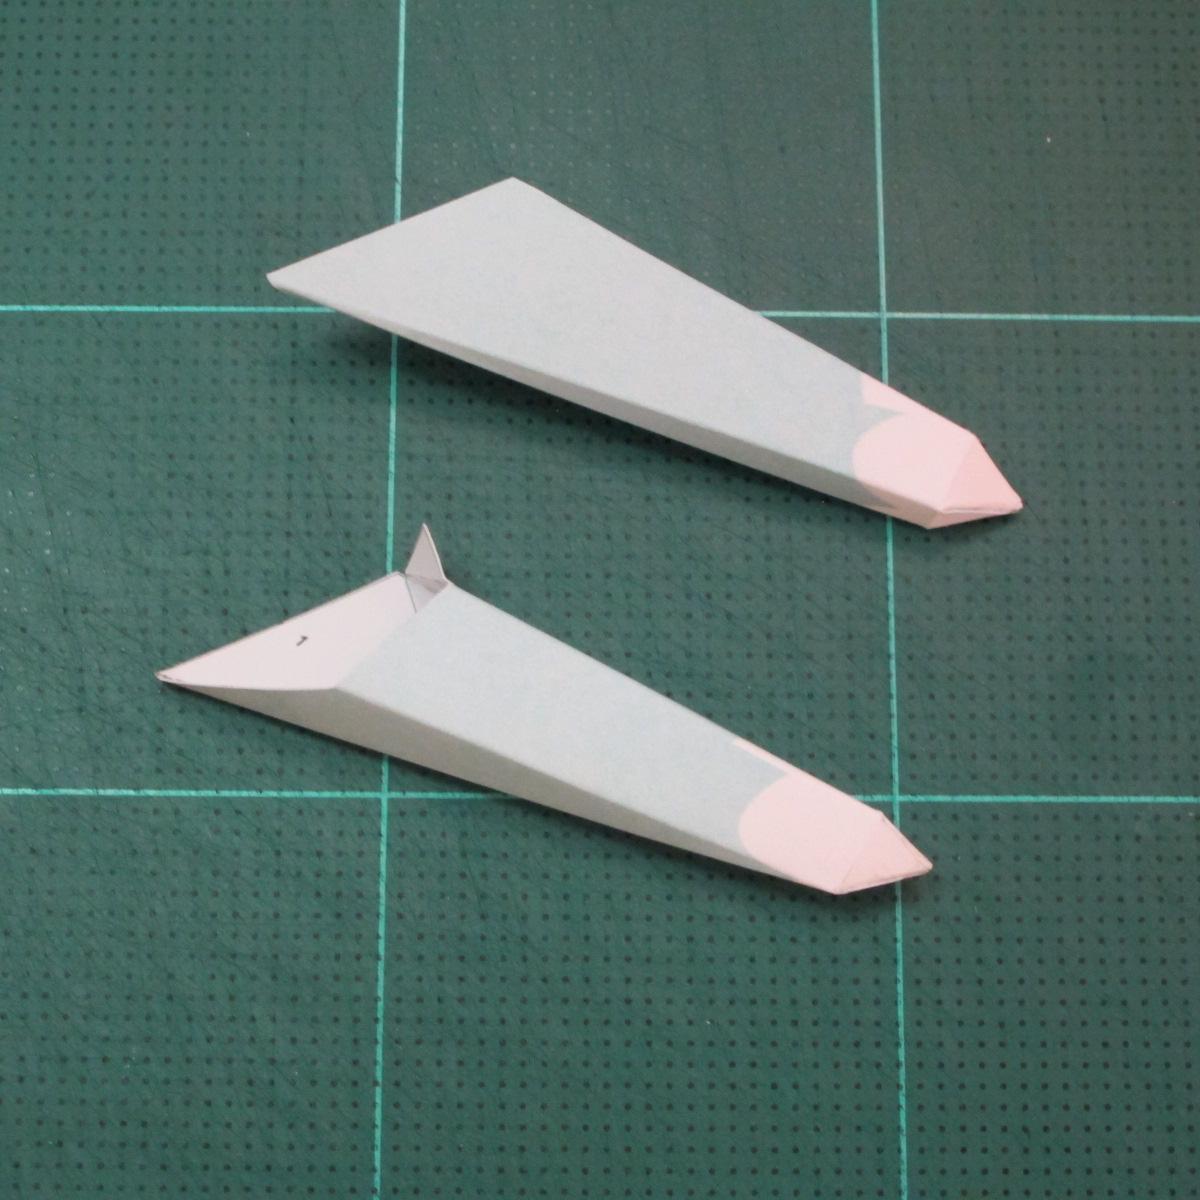 วิธีทำโมเดลกระดาษคุกกี้รันจิ้งจอกเก้าหางในร่างหมาจิ้งจอก (Cookie Run Ninetails Fox Form Papercraft Model) 002